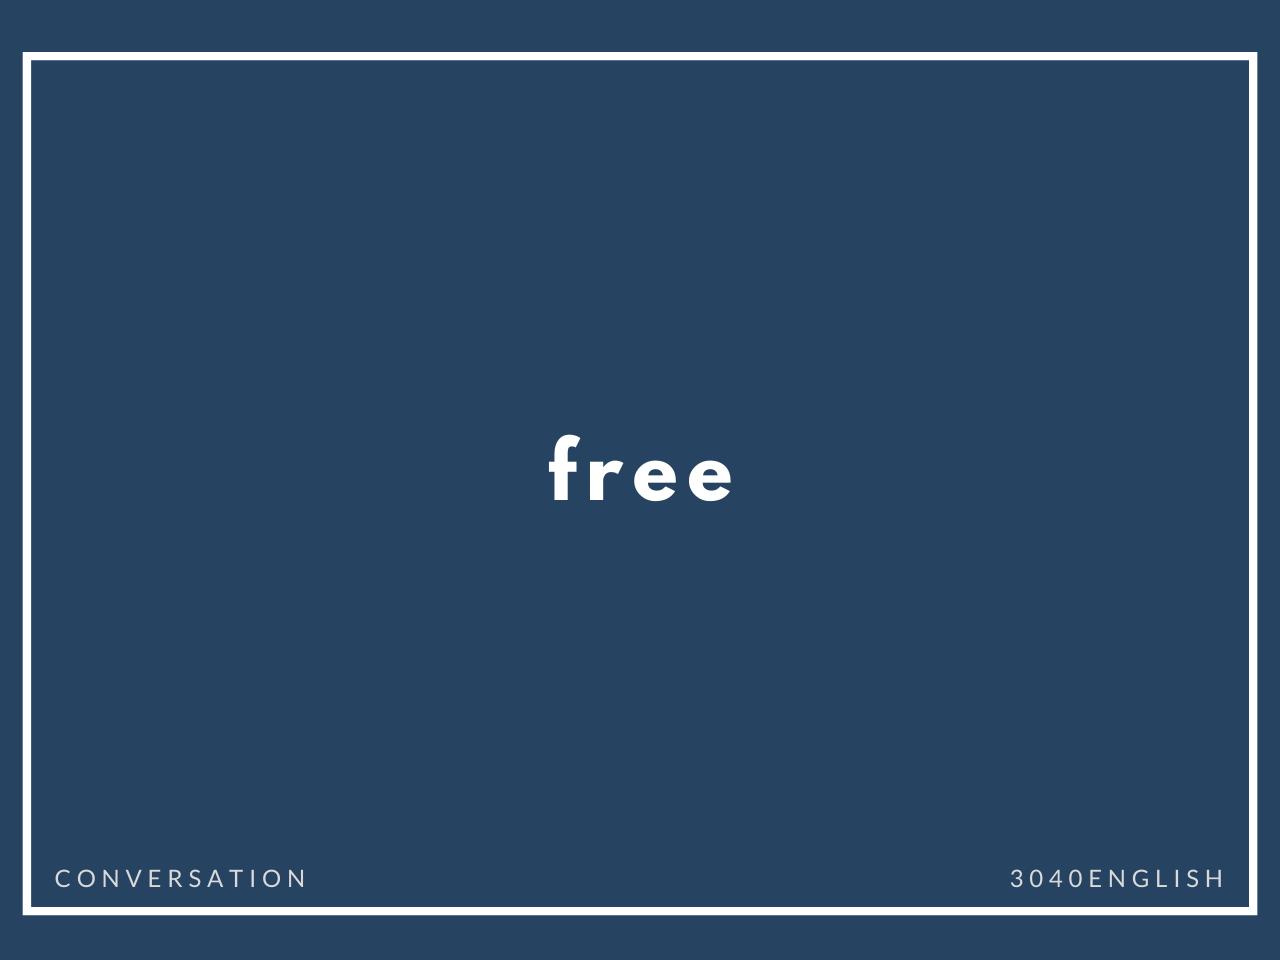 「無料」を表す英単語・熟語・英語表現6選【例文あり】